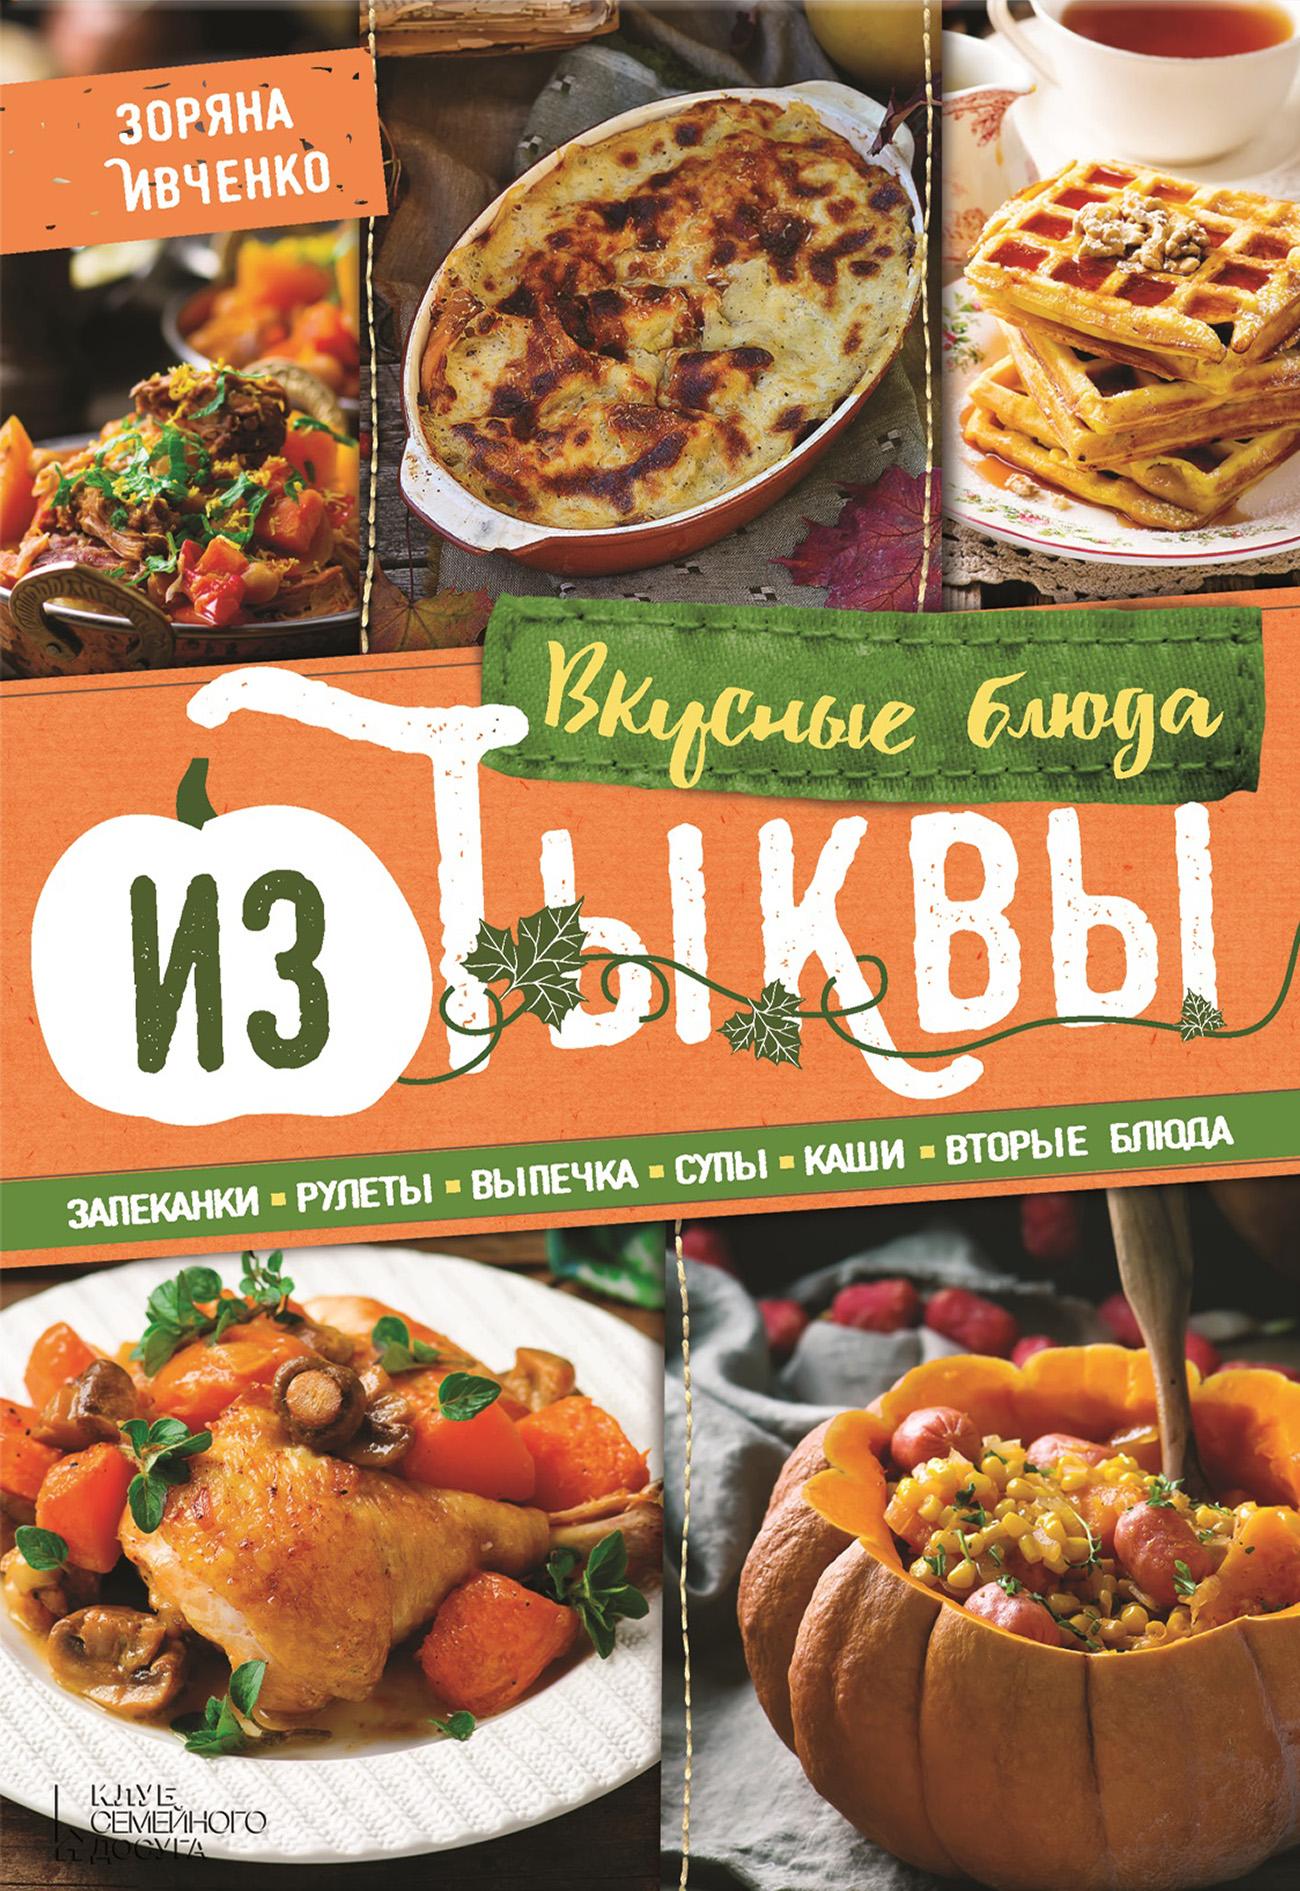 Зоряна Ивченко Вкусные блюда из тыквы. Запеканки, рулеты, выпечка, супы, каши, вторые блюда ивченко з вкусные блюда из тыквы запеканки рулеты выпечка супы каши вторые блюда